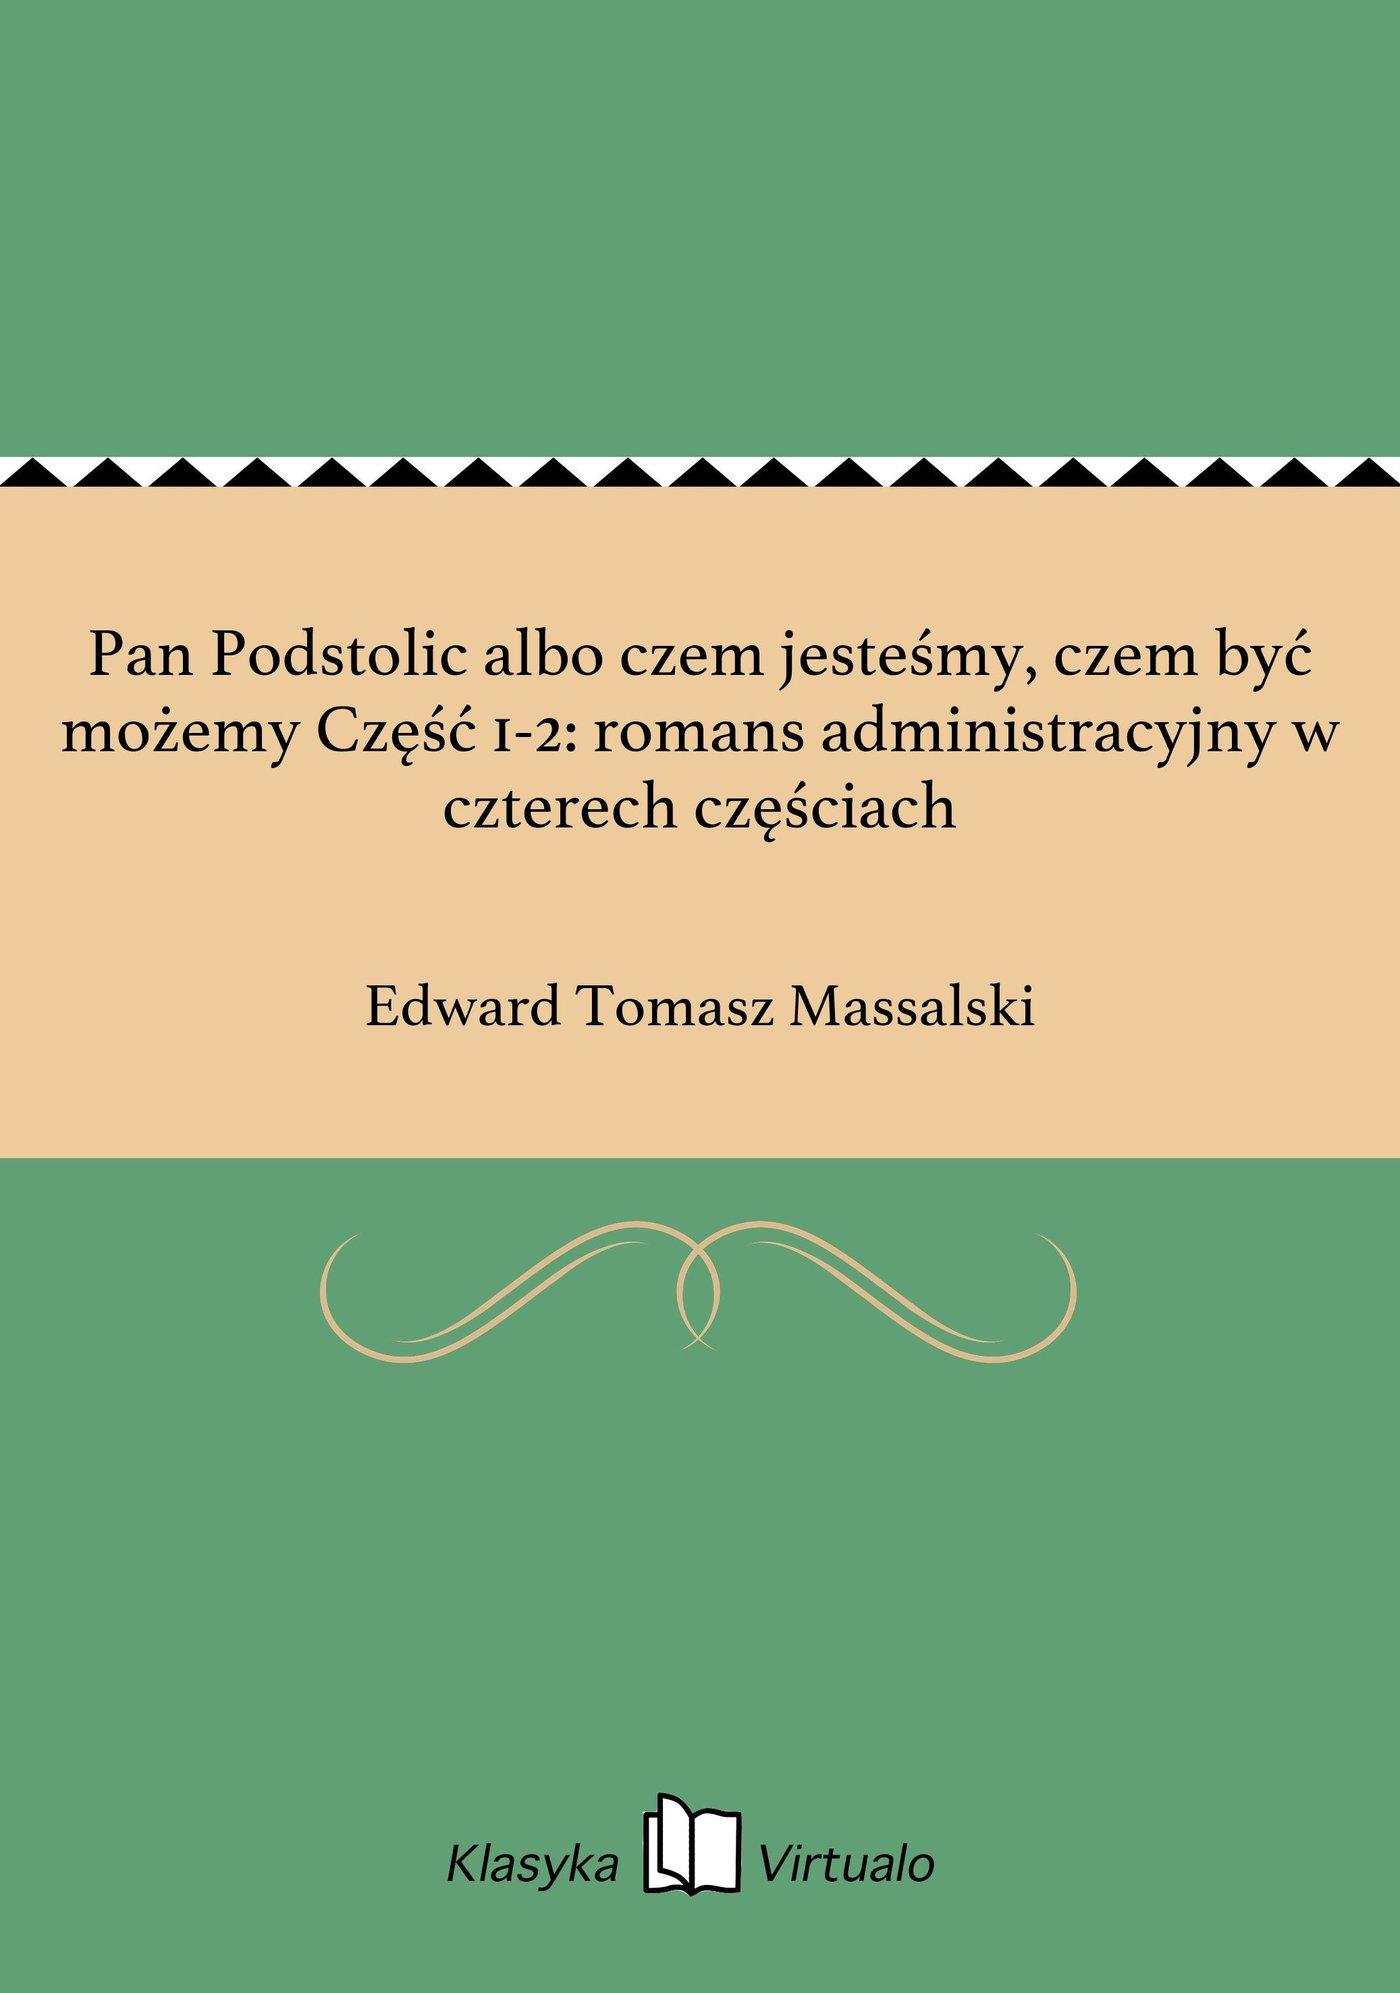 Pan Podstolic albo czem jesteśmy, czem być możemy Część 1-2: romans administracyjny w czterech częściach - Ebook (Książka EPUB) do pobrania w formacie EPUB